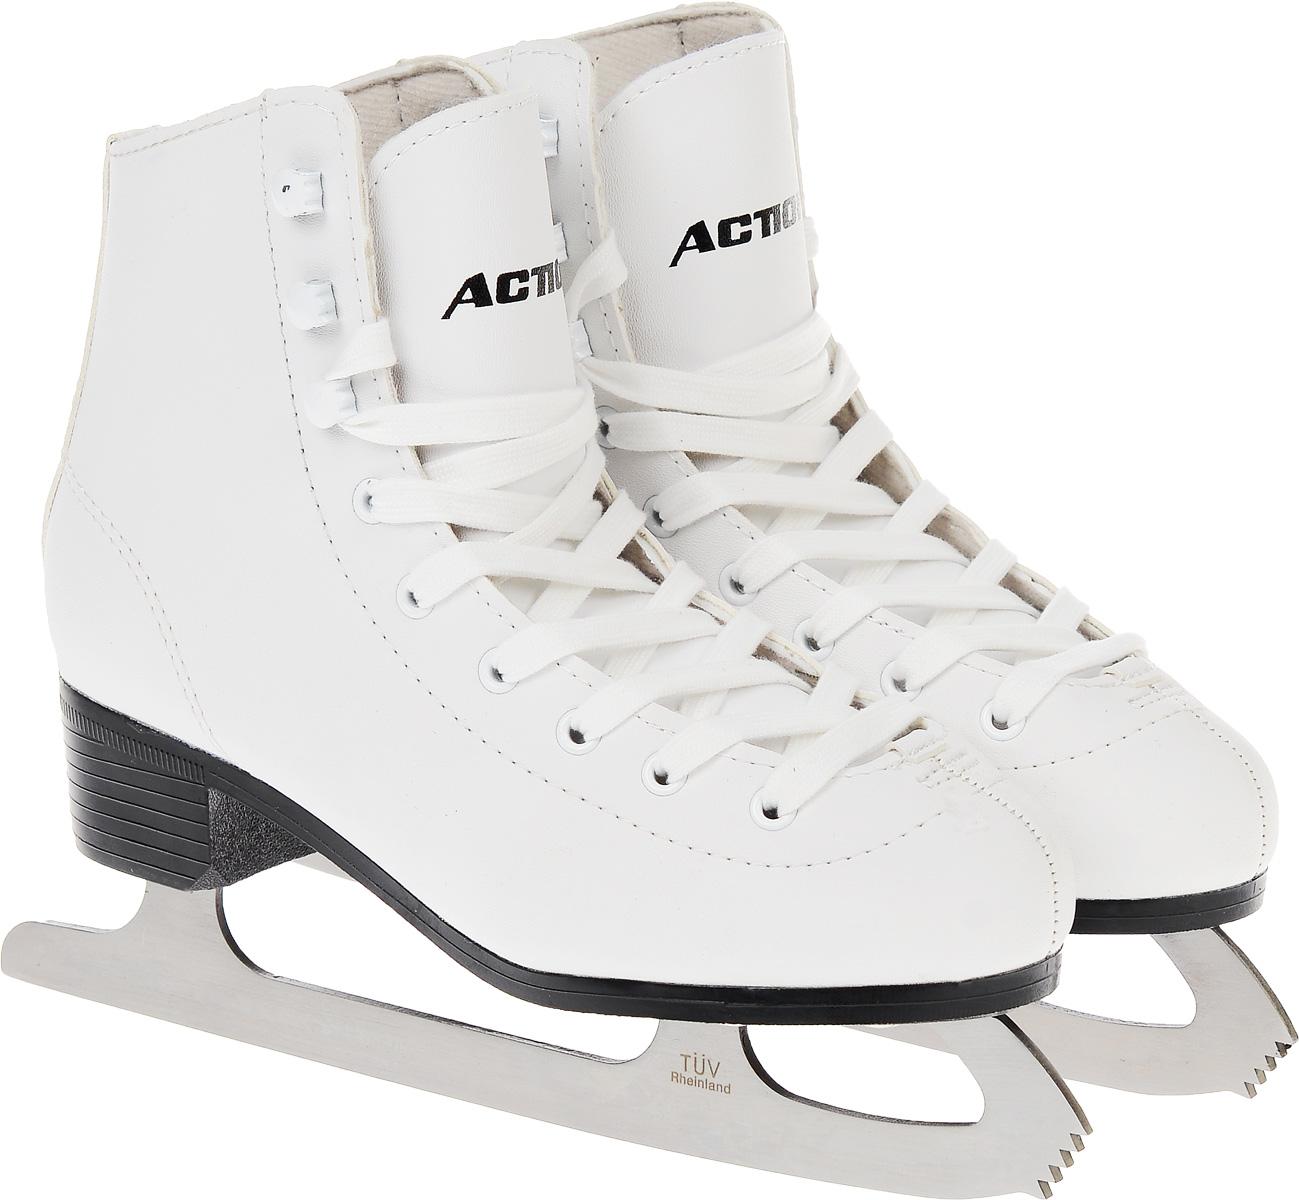 Коньки фигурные женские Action Sporting Goods, цвет: белый. PW-215. Размер 38PW-215_белый_38Высокий классический ботинок идеально подойдет для любительского катания. Модель снабжена системой быстрой шнуровки и поддержкой голеностопа. Верх ботинка выполнен из высококачественной искусственной кожи, подошва - твердый пластик. Лезвие изготовлено из нержавеющей стали со специальным покрытием, придающим дополнительную прочность.